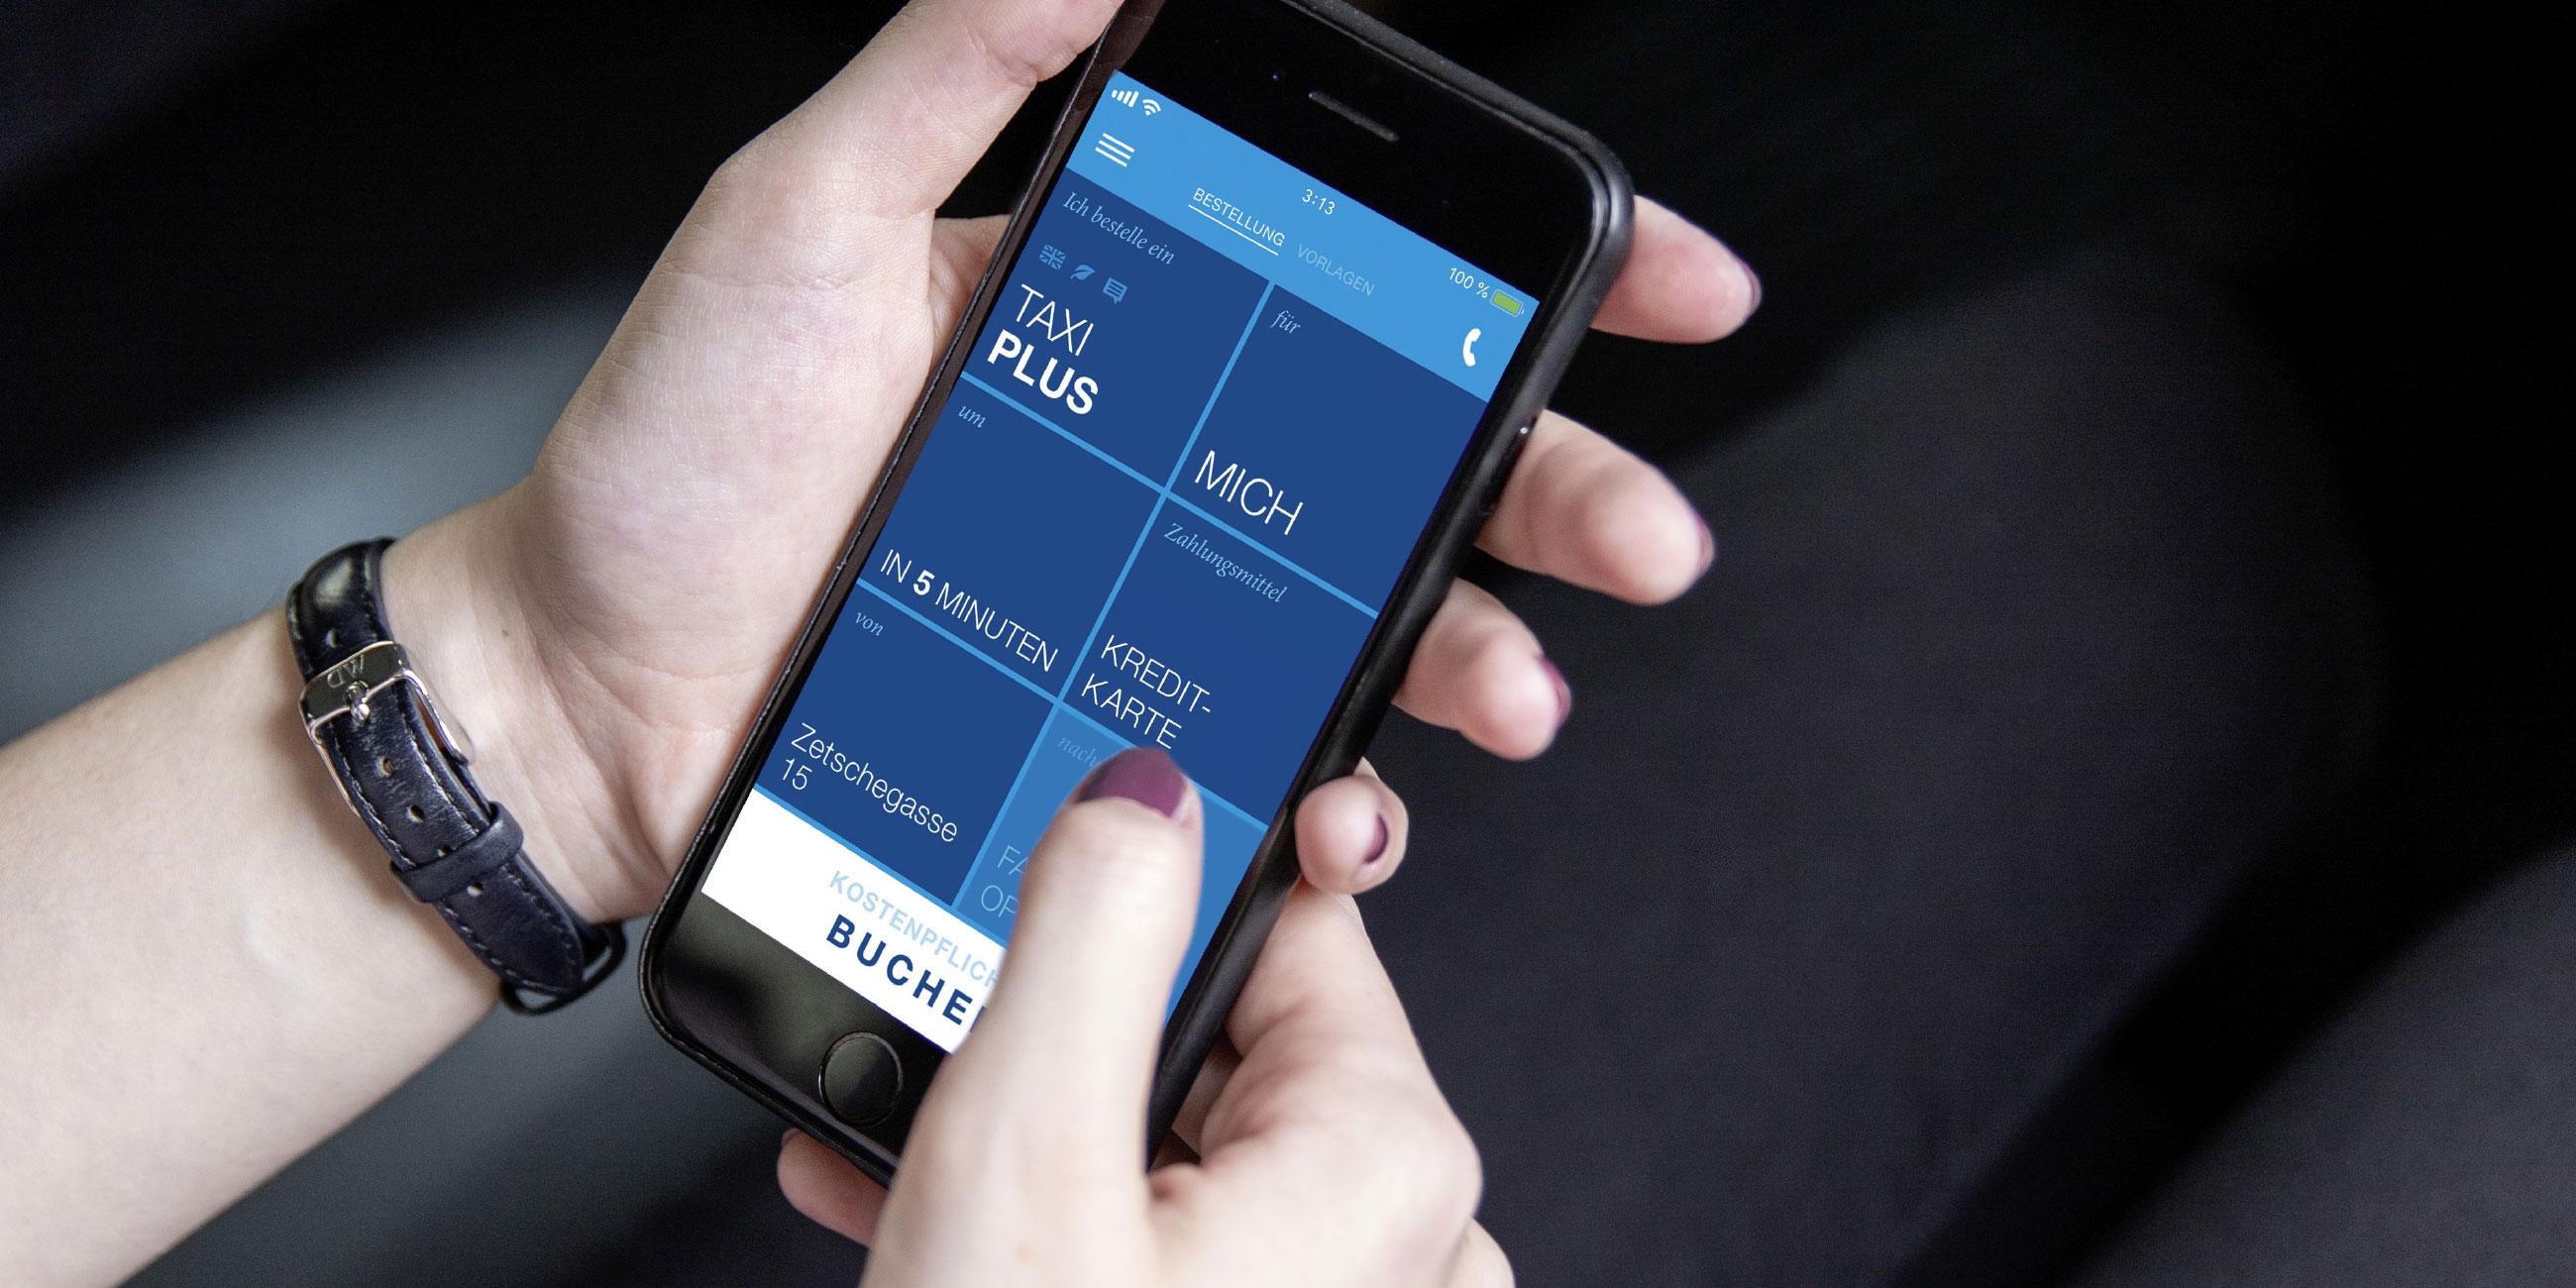 Der Home Screen der TaxiPlus App ist am Display eines Handys zu sehen, welches von einer Frau gehalten wird.